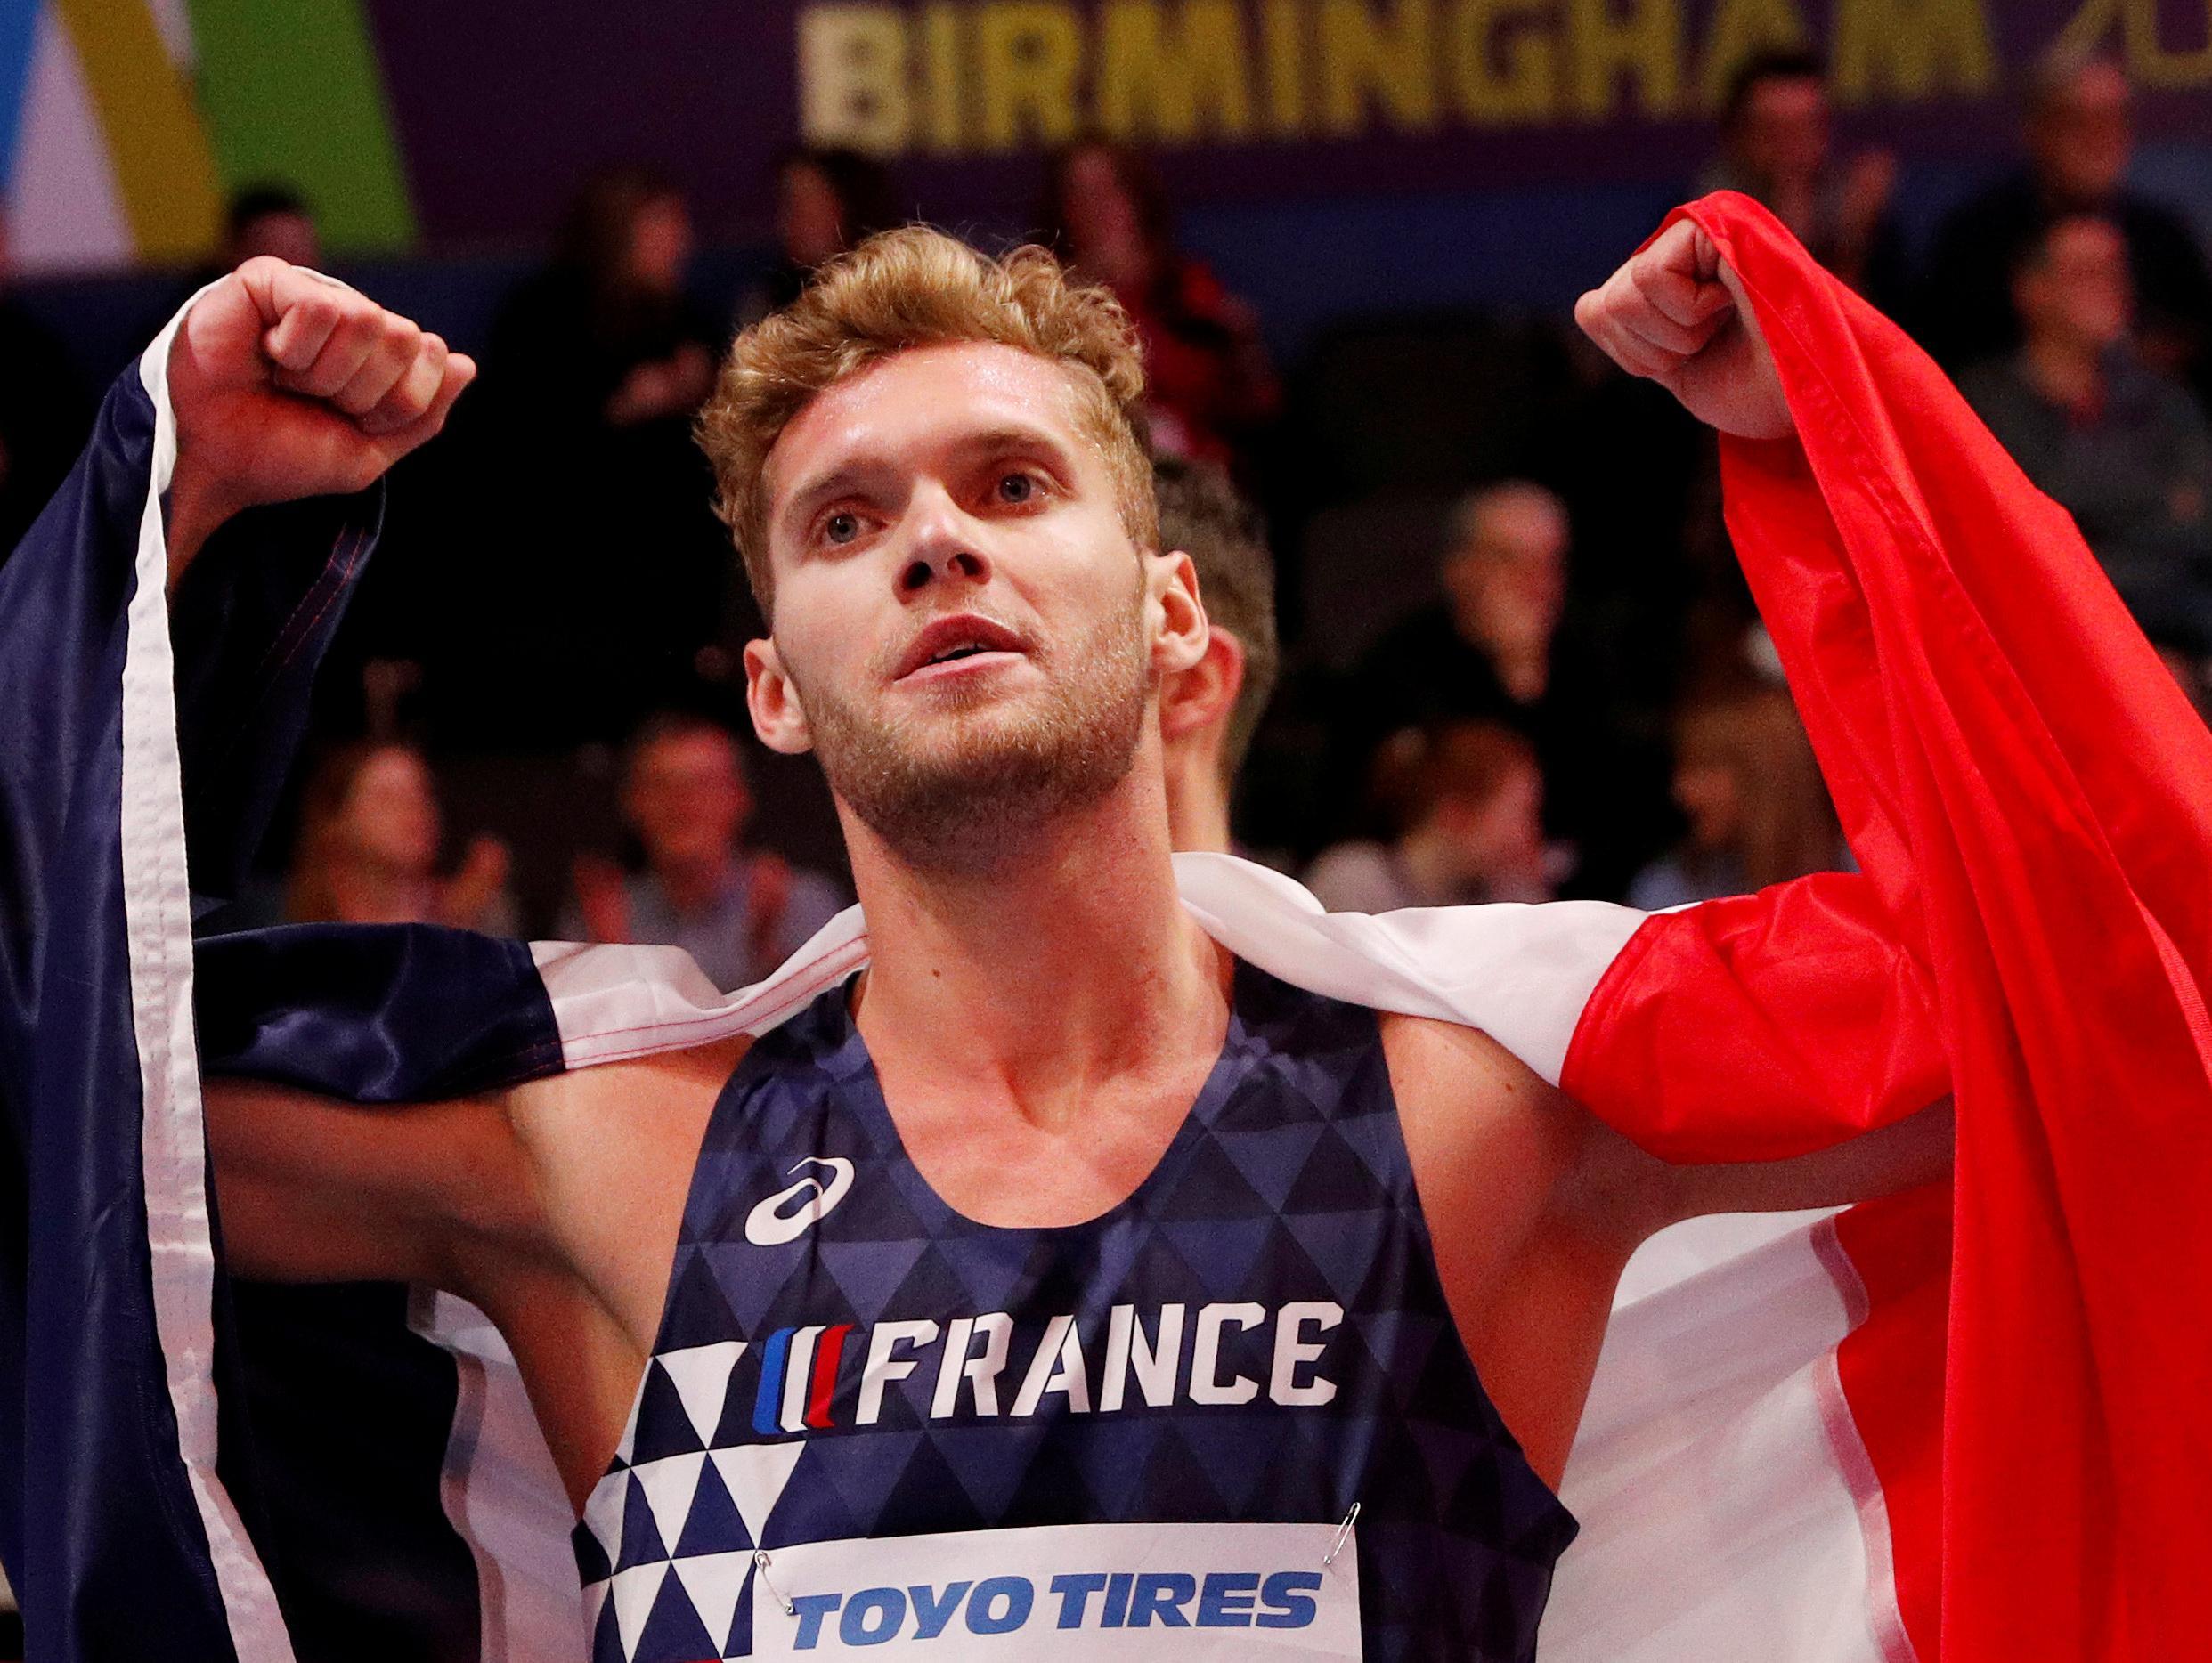 קווין מאייר הצרפתי שבר את שיא העולם בקרב 10